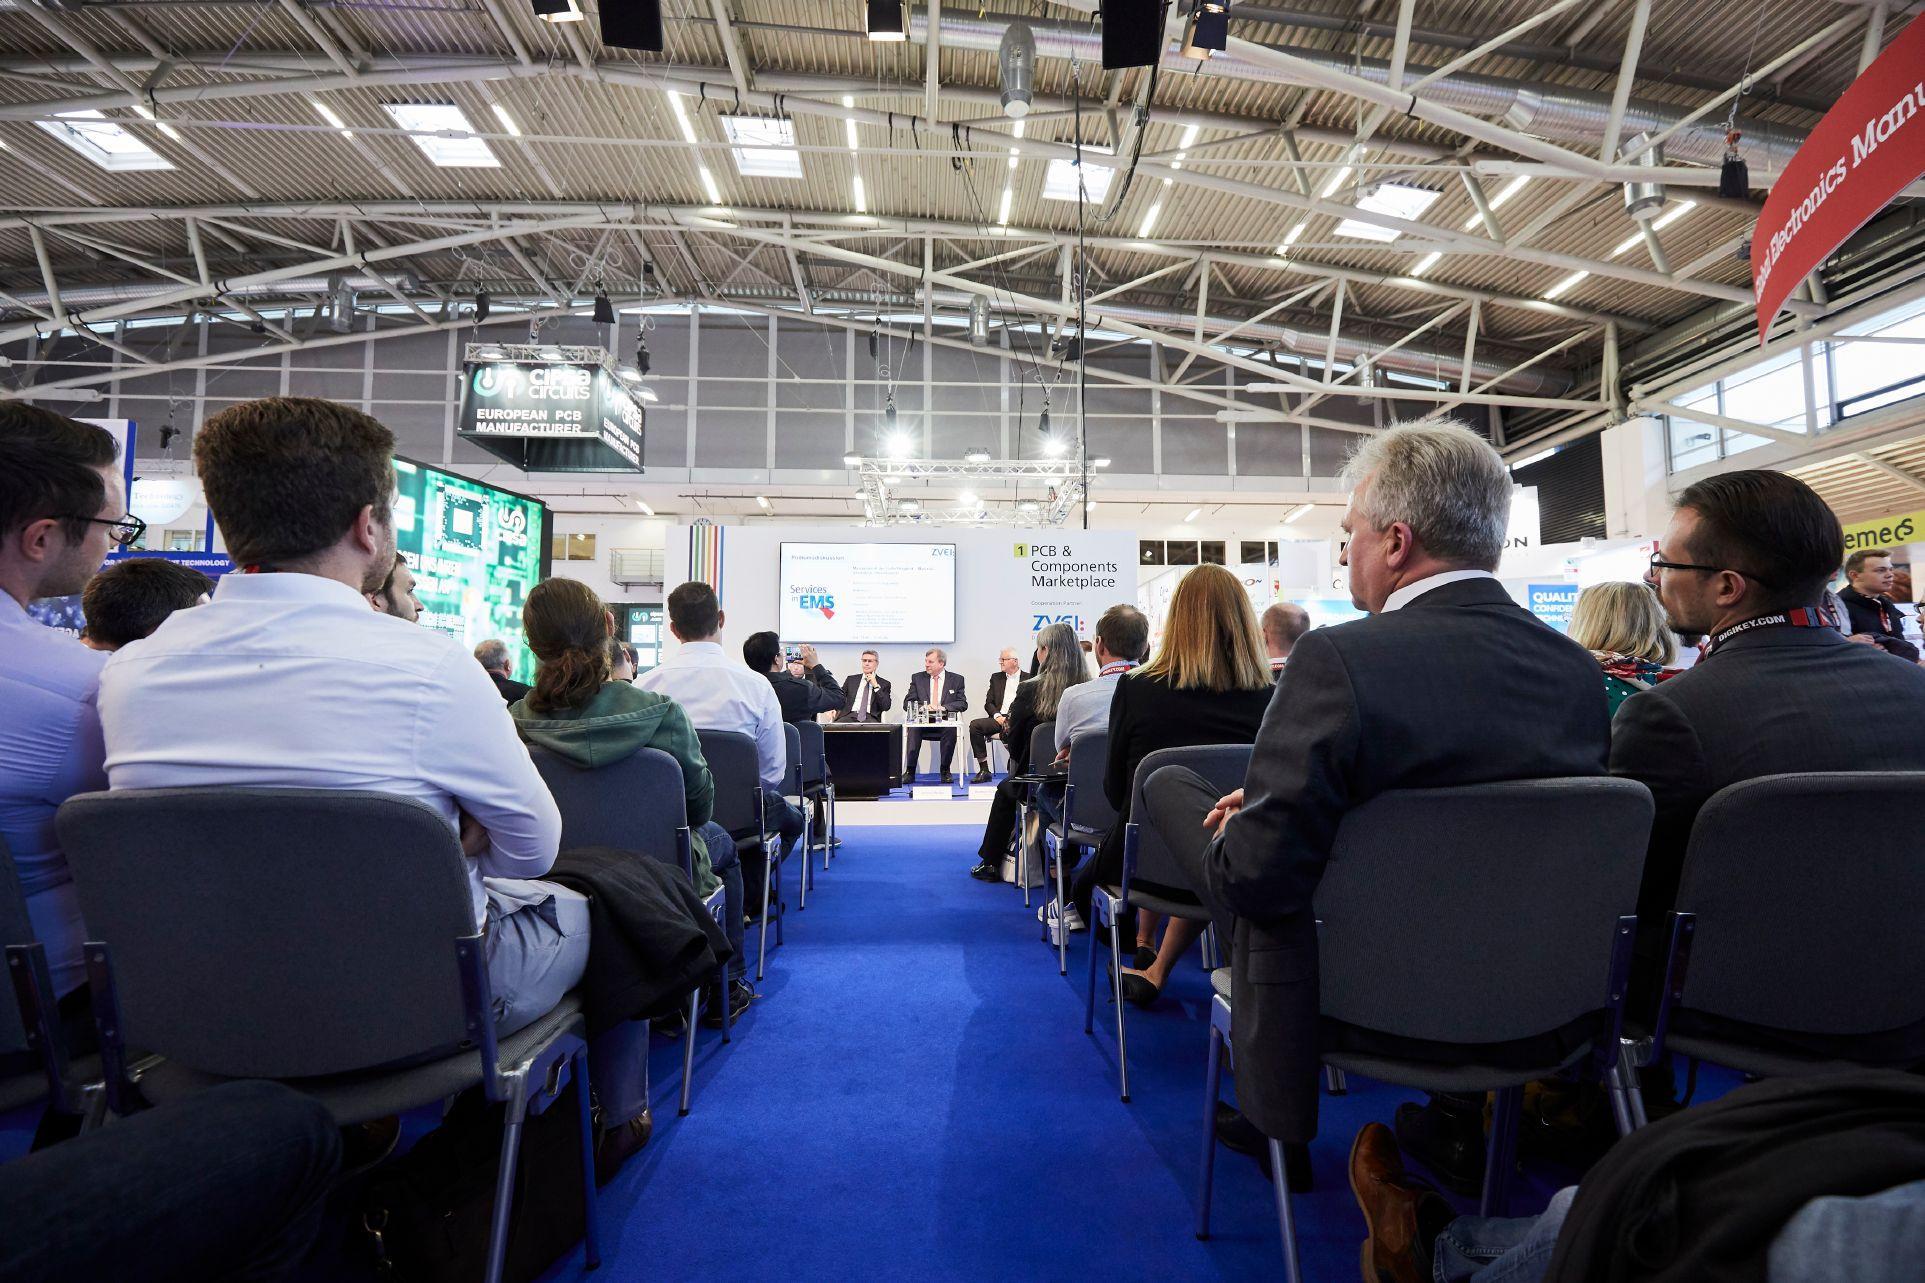 독일 뮌헨 국제 전자부품 박람회(electronica)와 동시개최하는 컨퍼런스 진행 현장입니다.